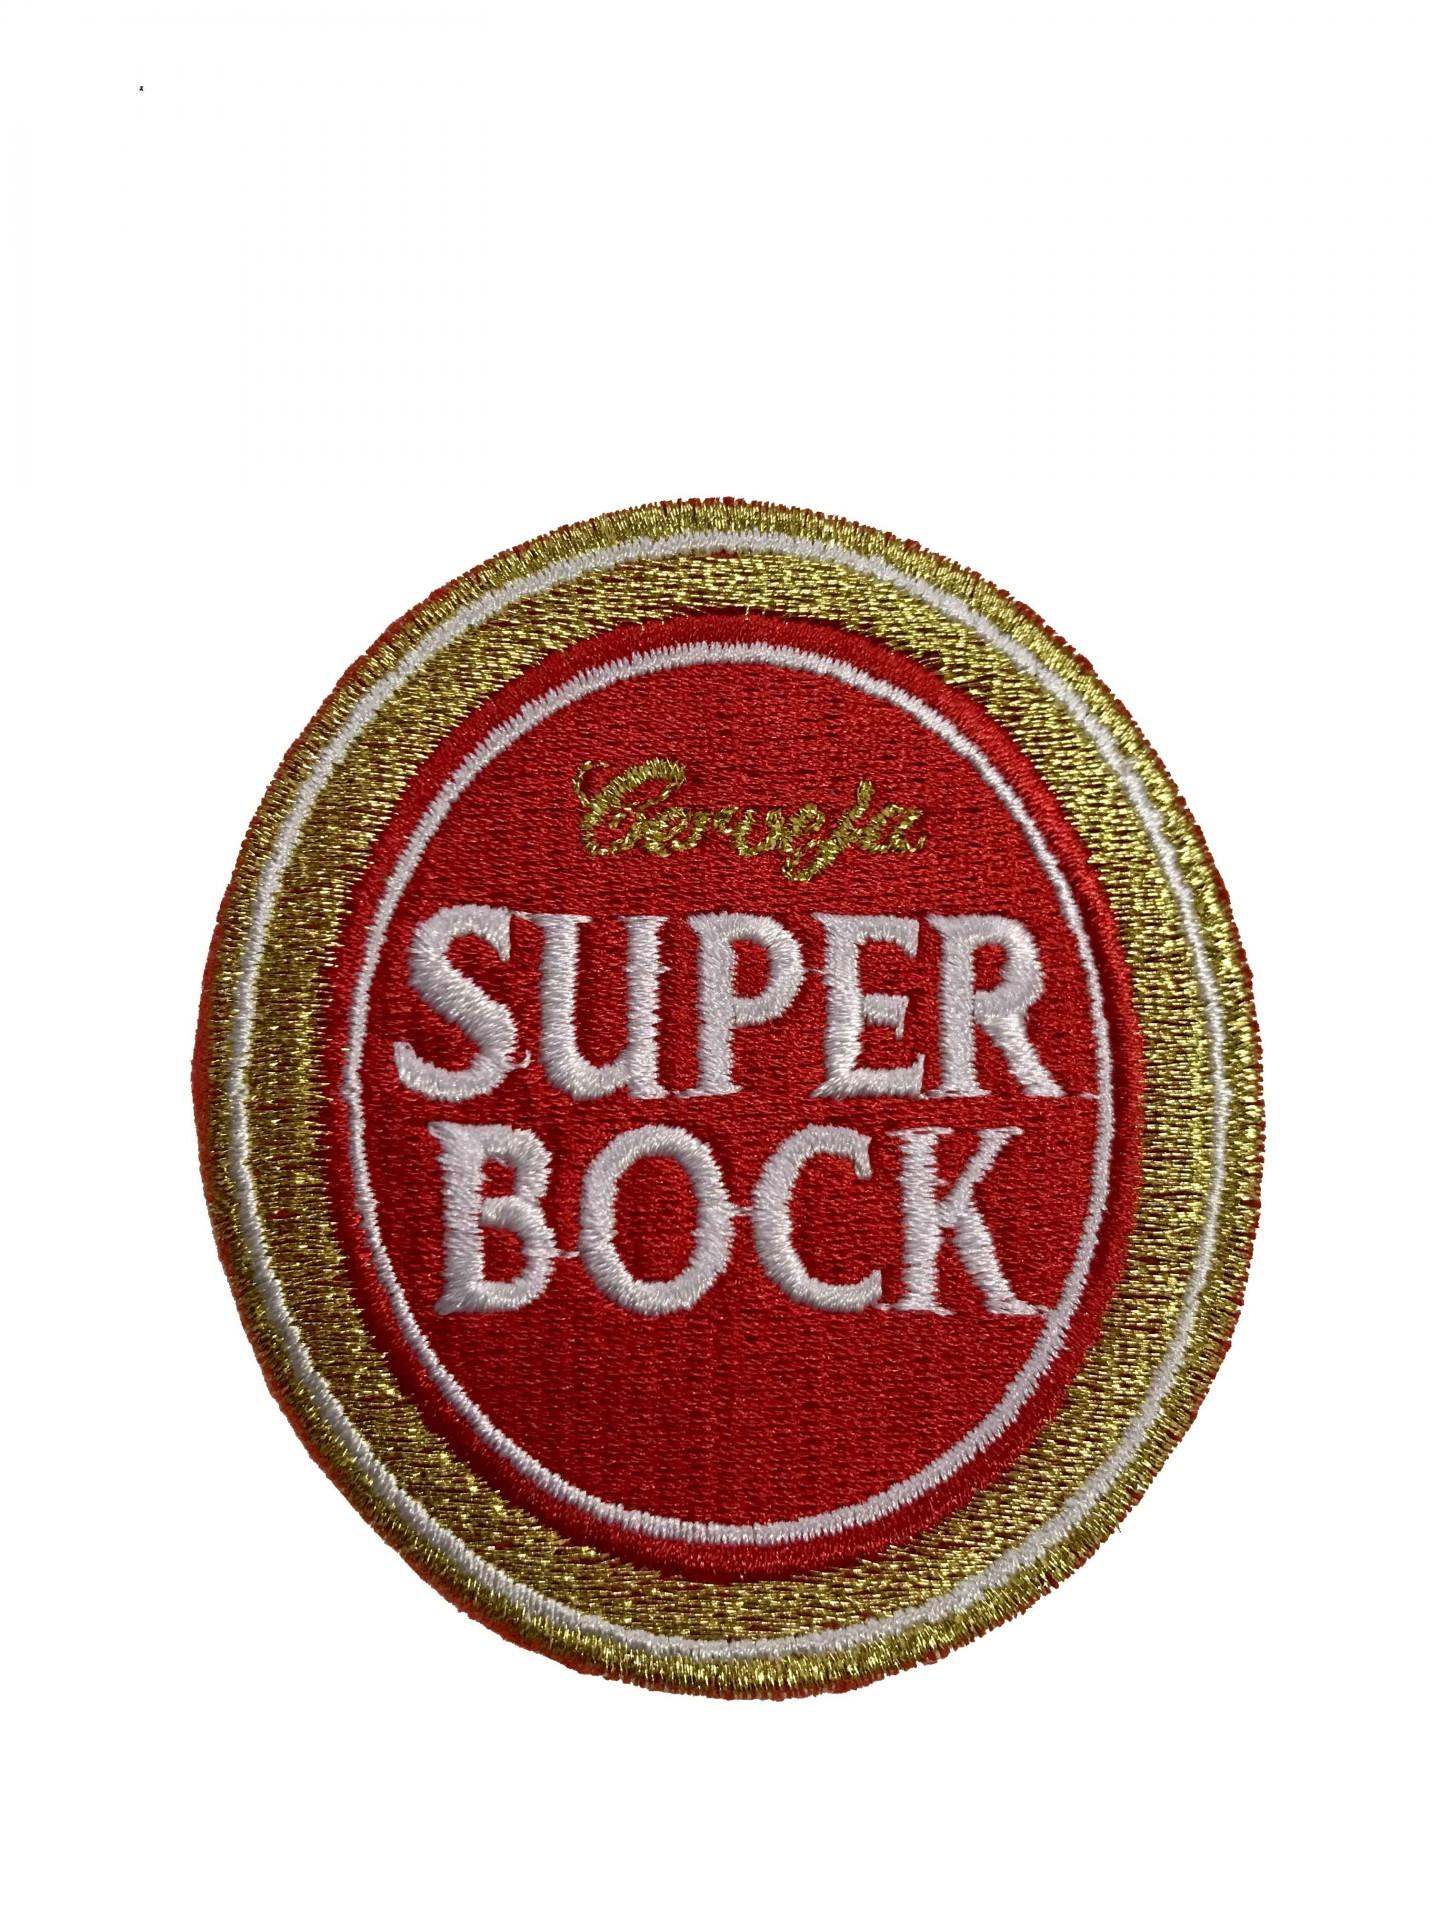 Emblema Super Bock